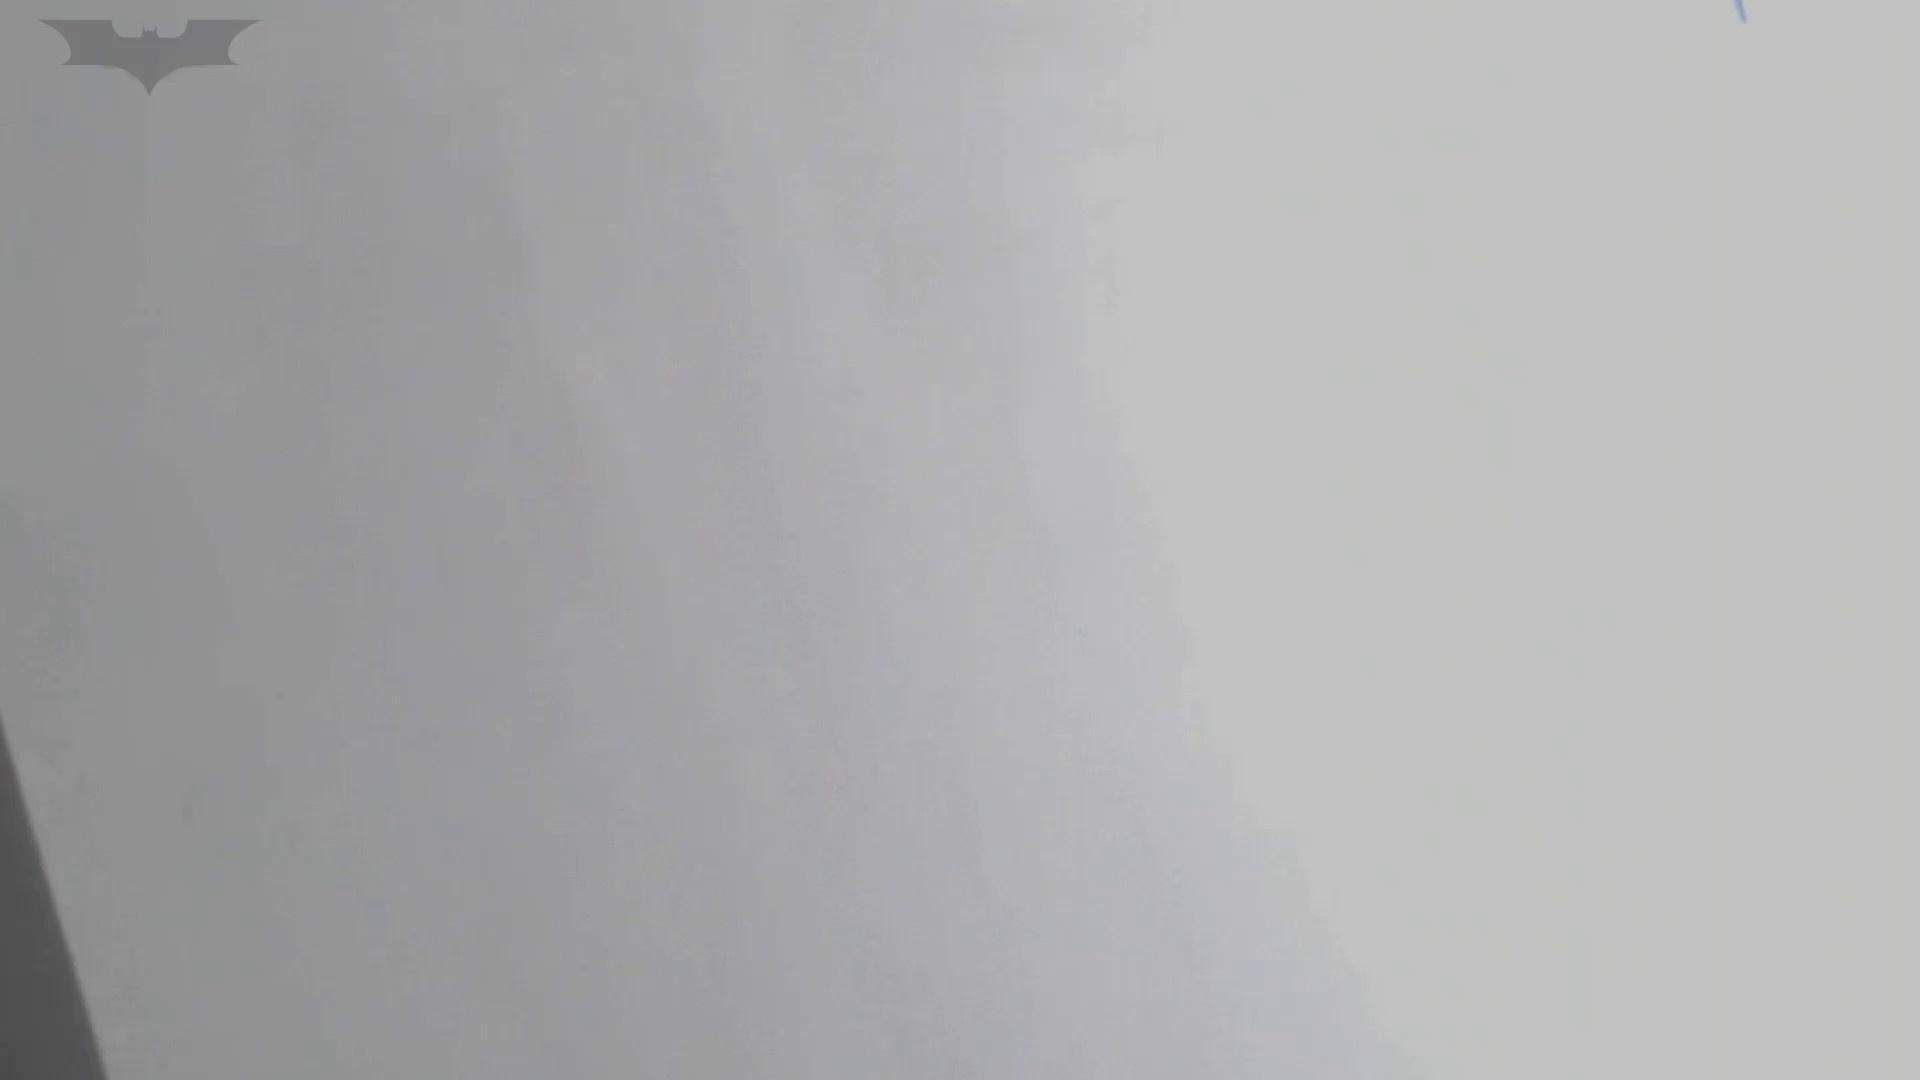 JD盗撮 美女の洗面所の秘密 Vol.09 トイレの中の女の子 セックス無修正動画無料 45連発 5